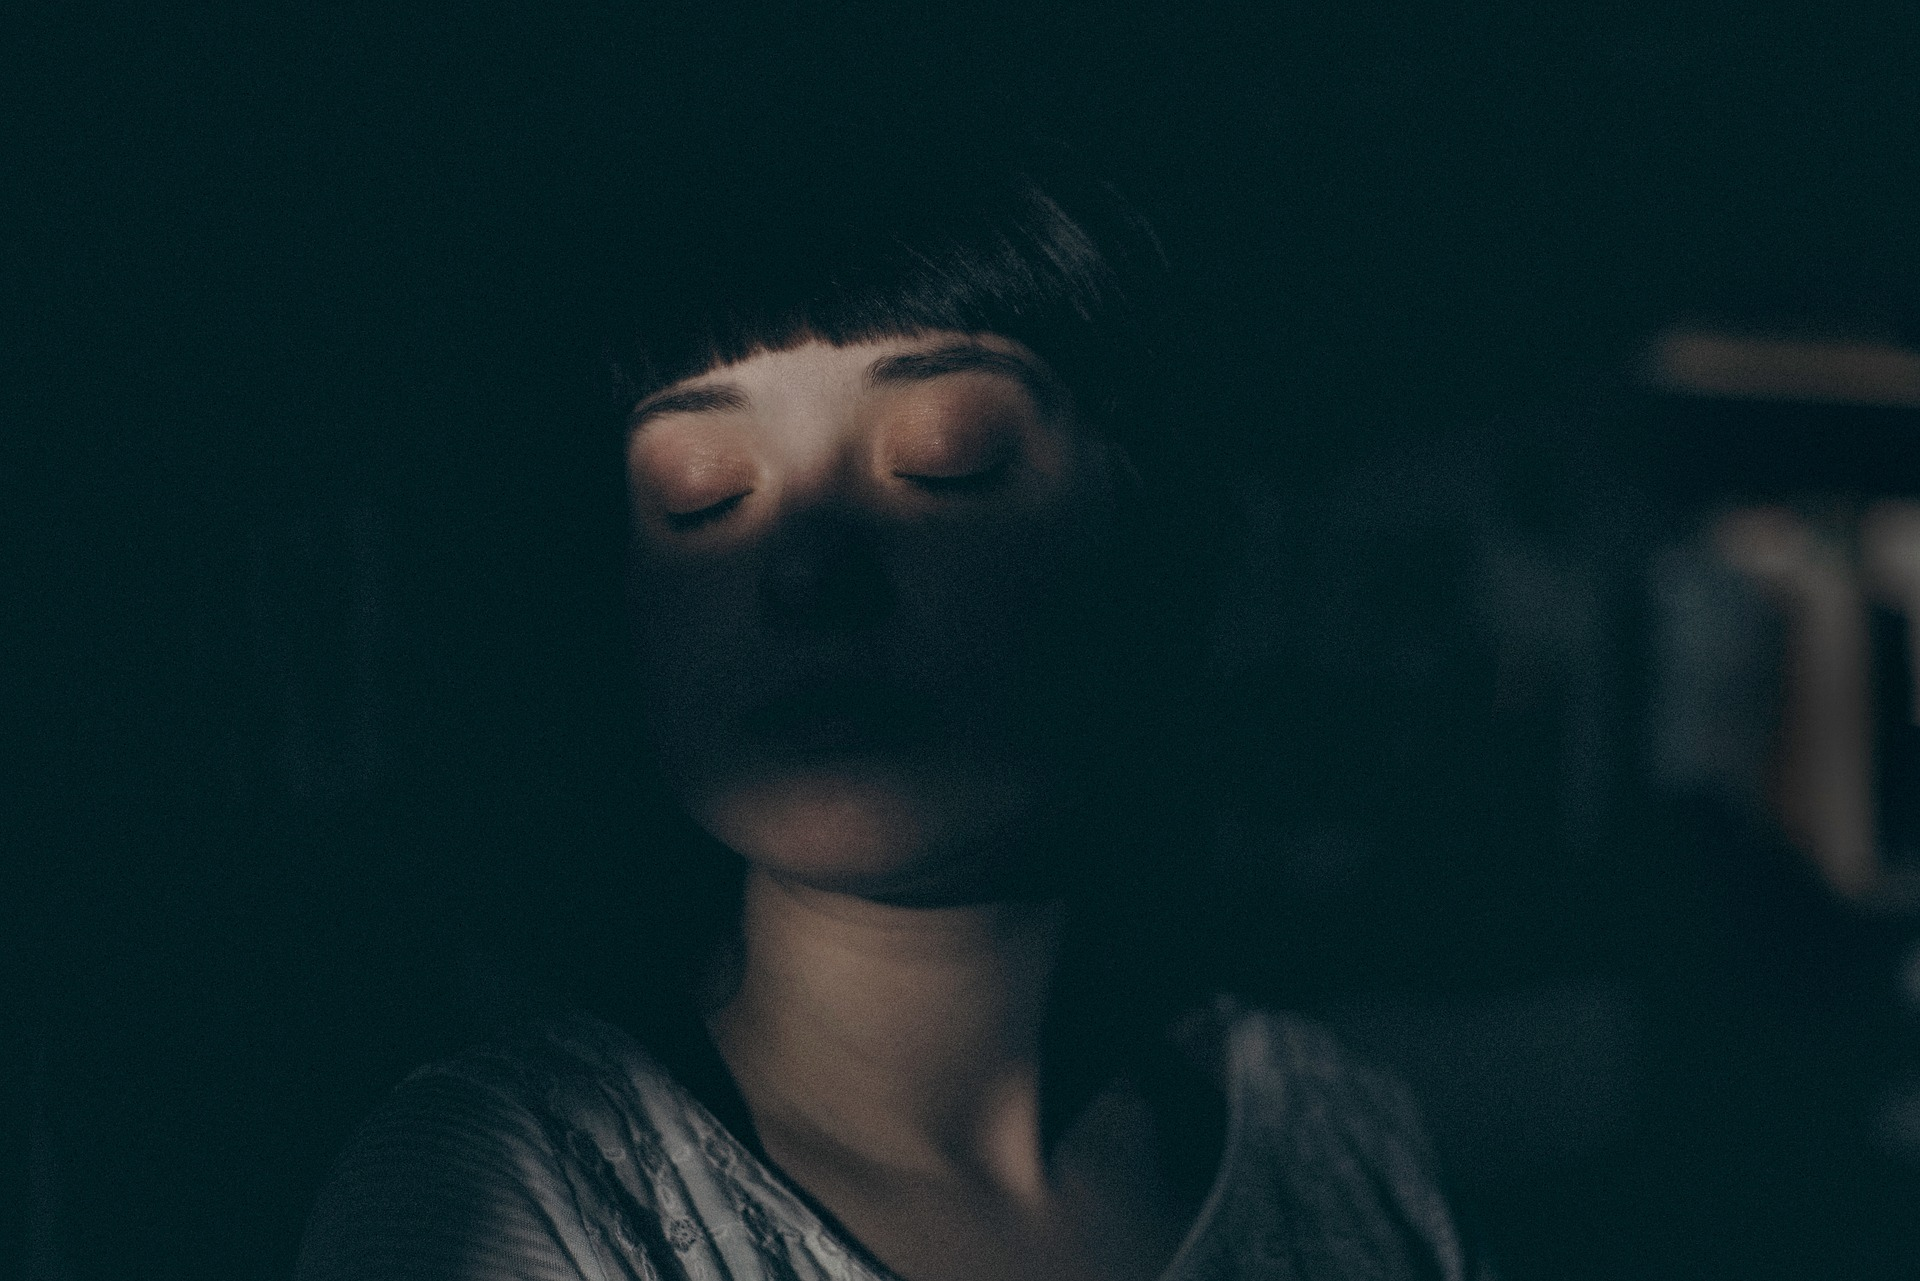 Efectele devastatoare ale privarii de somn